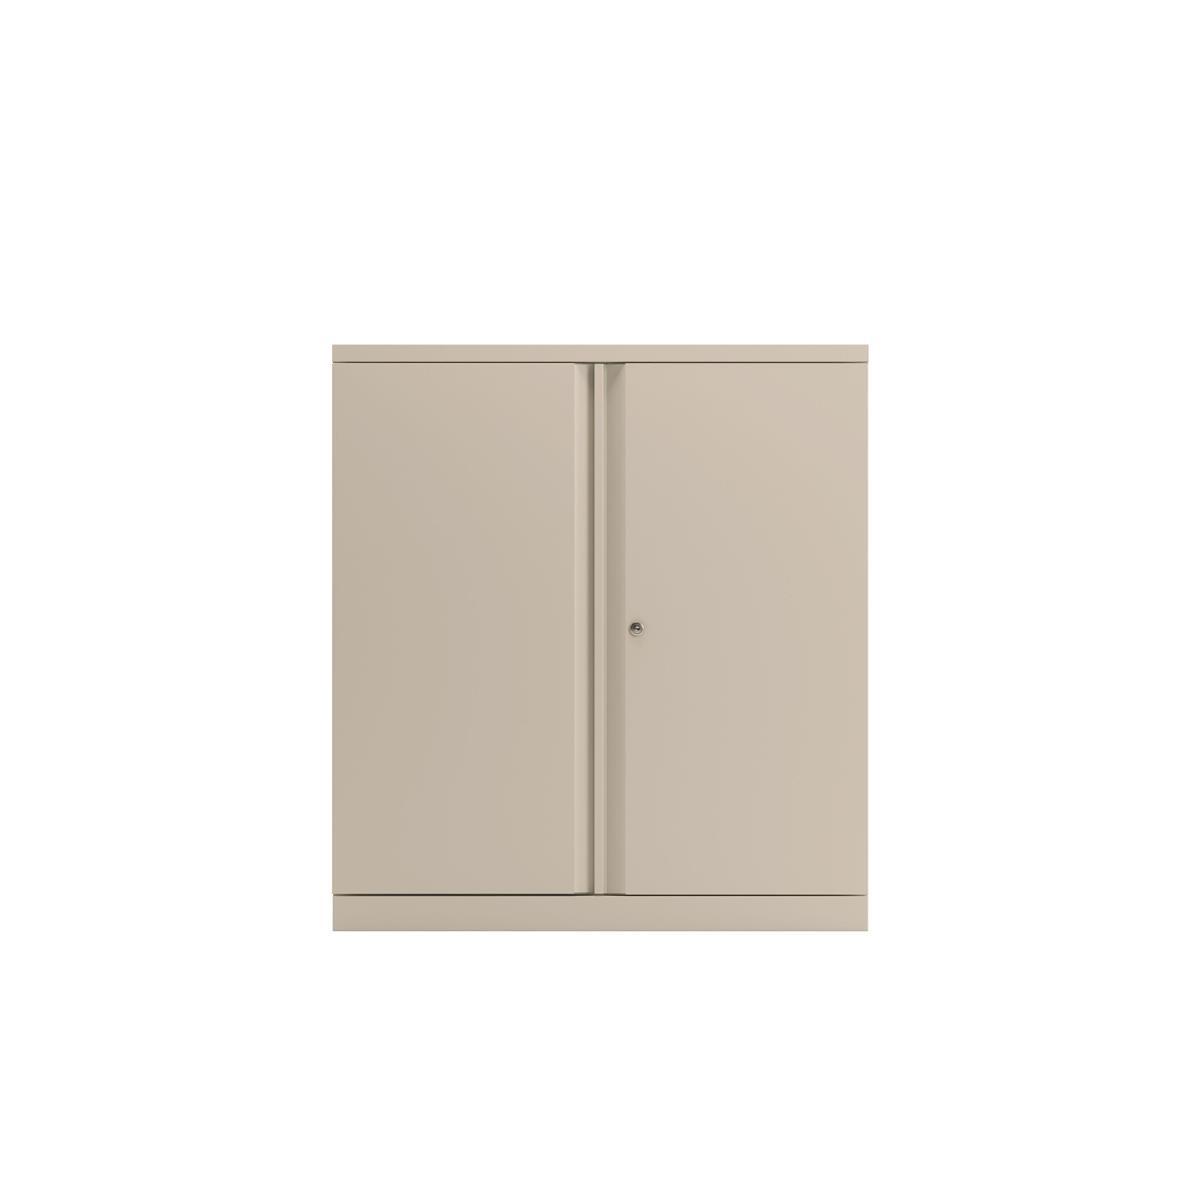 Storage cabinets Bisley Two Door Steel Storage Cupboard 914x470x1000-1015mm White Ref YECB0910/1S-ab9